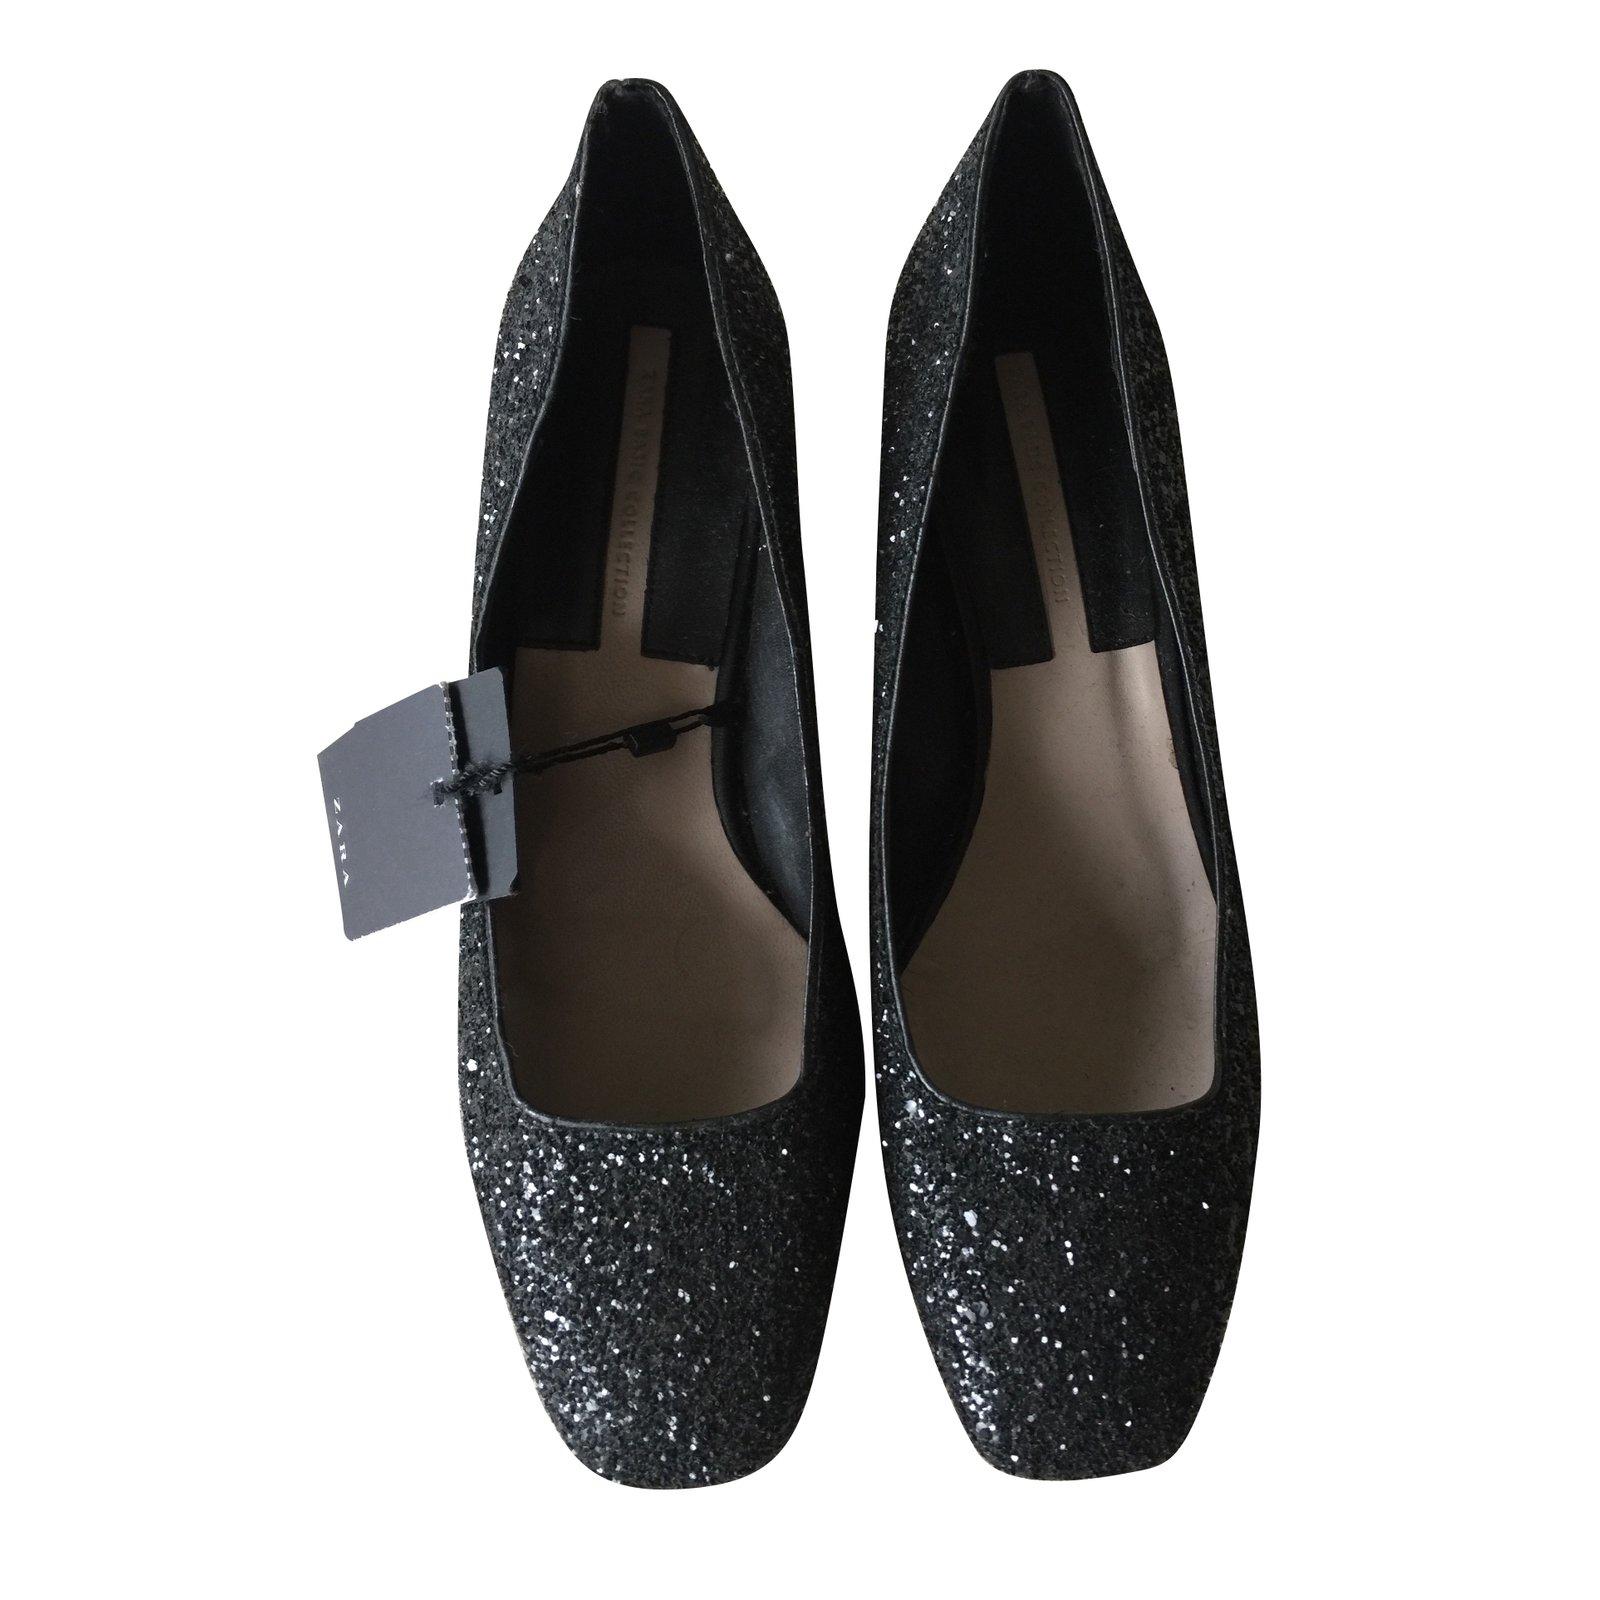 Zara shoes heels